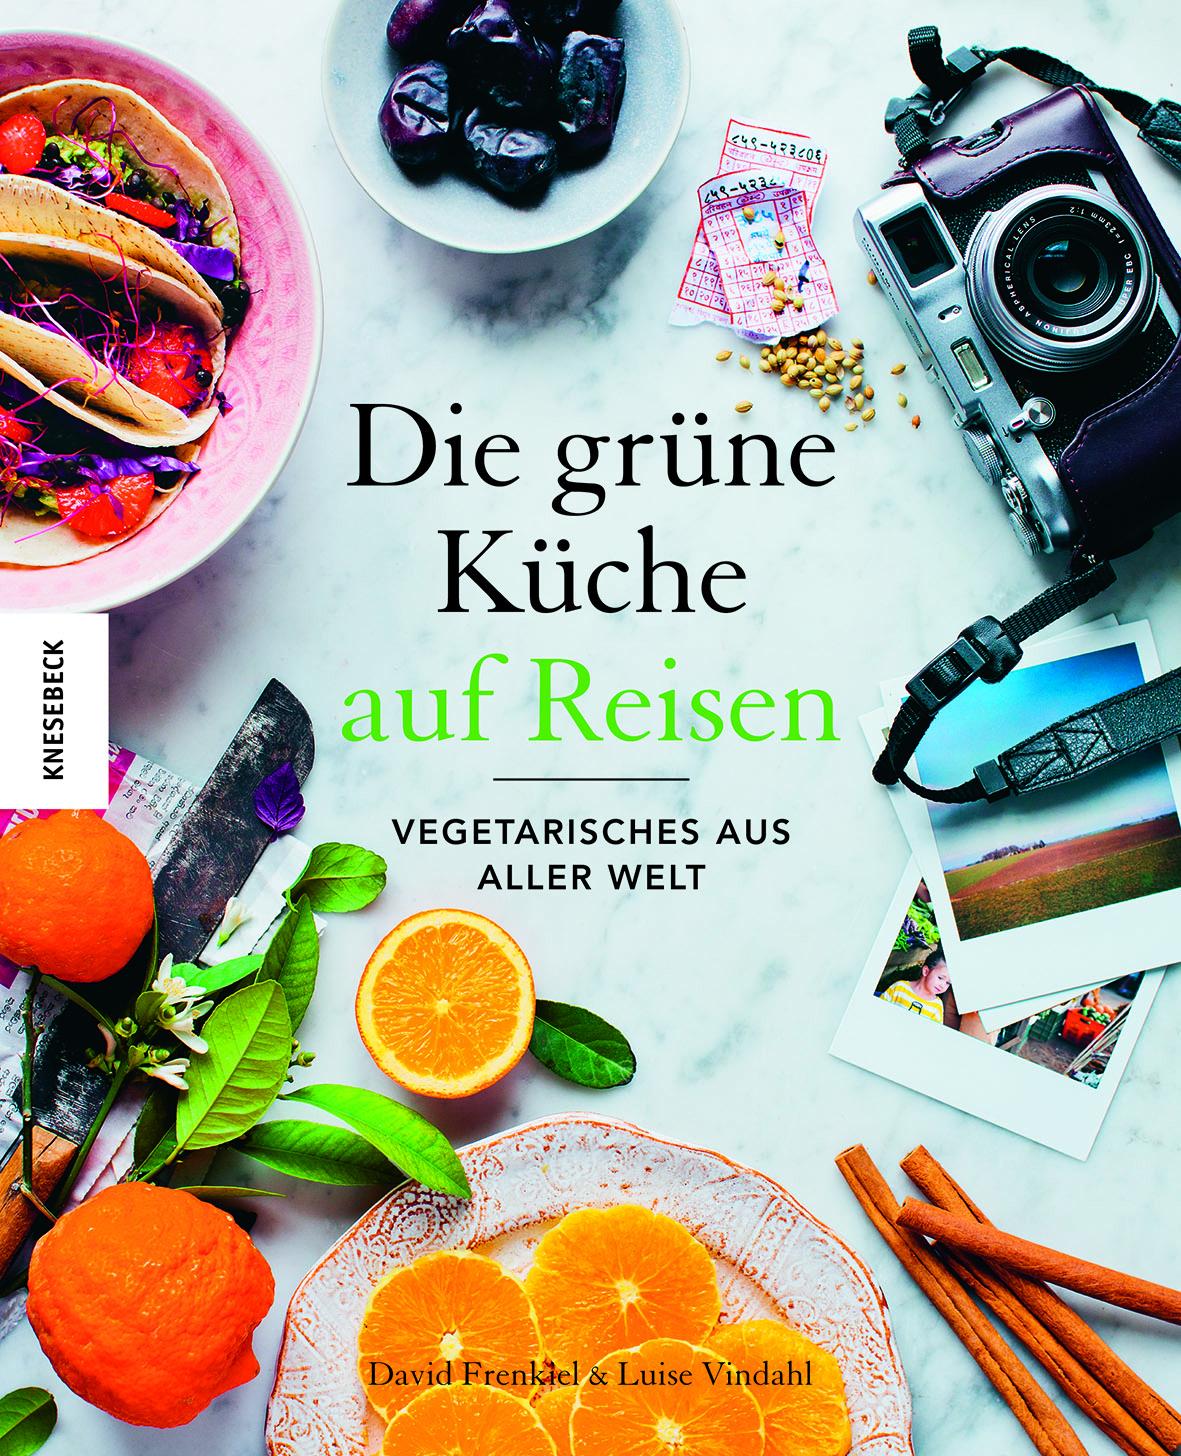 806-3-cover_die-gruene-kueche-auf-reisen